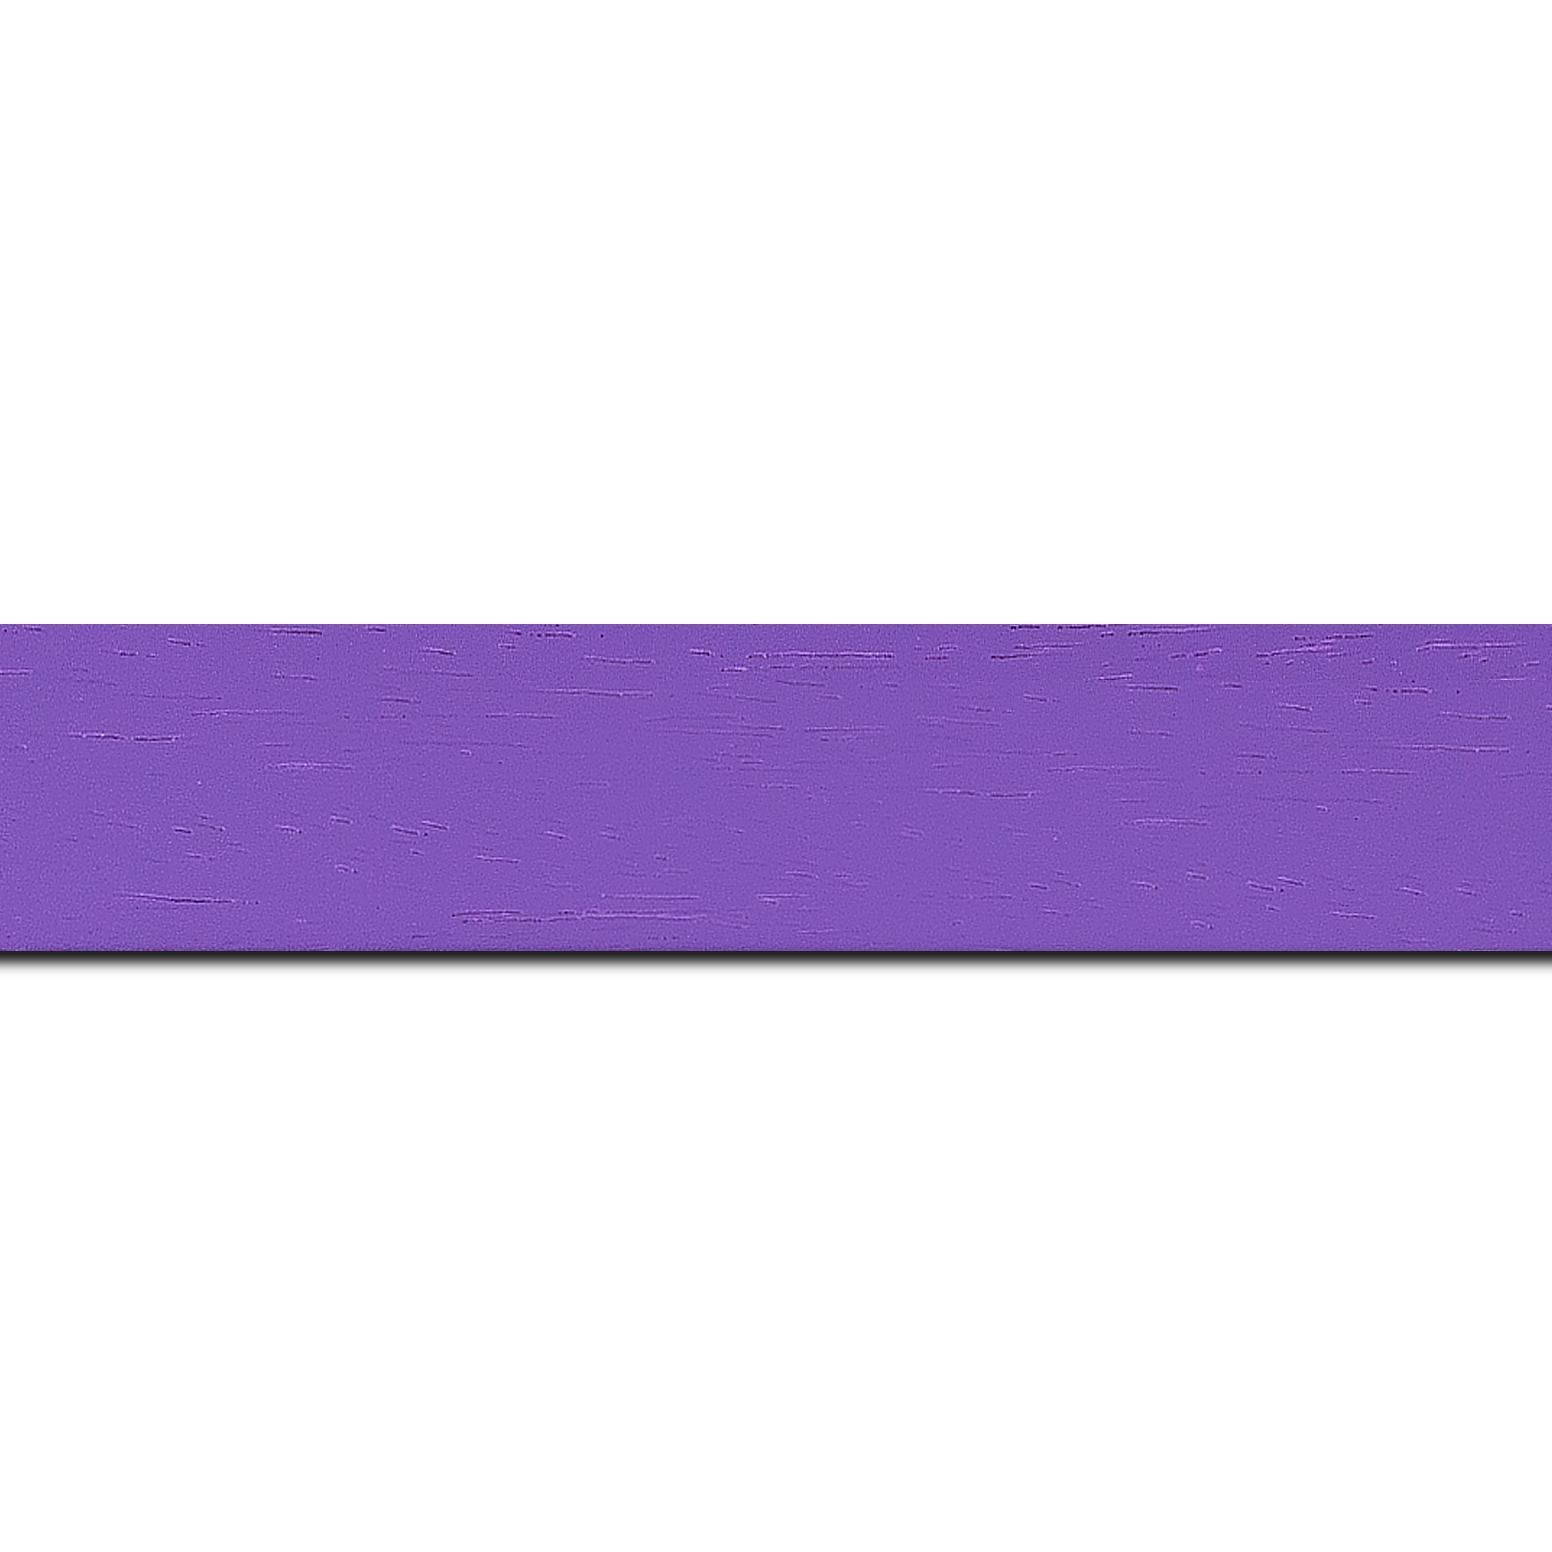 Baguette longueur 1.40m bois profil plat largeur 3cm couleur violet satiné